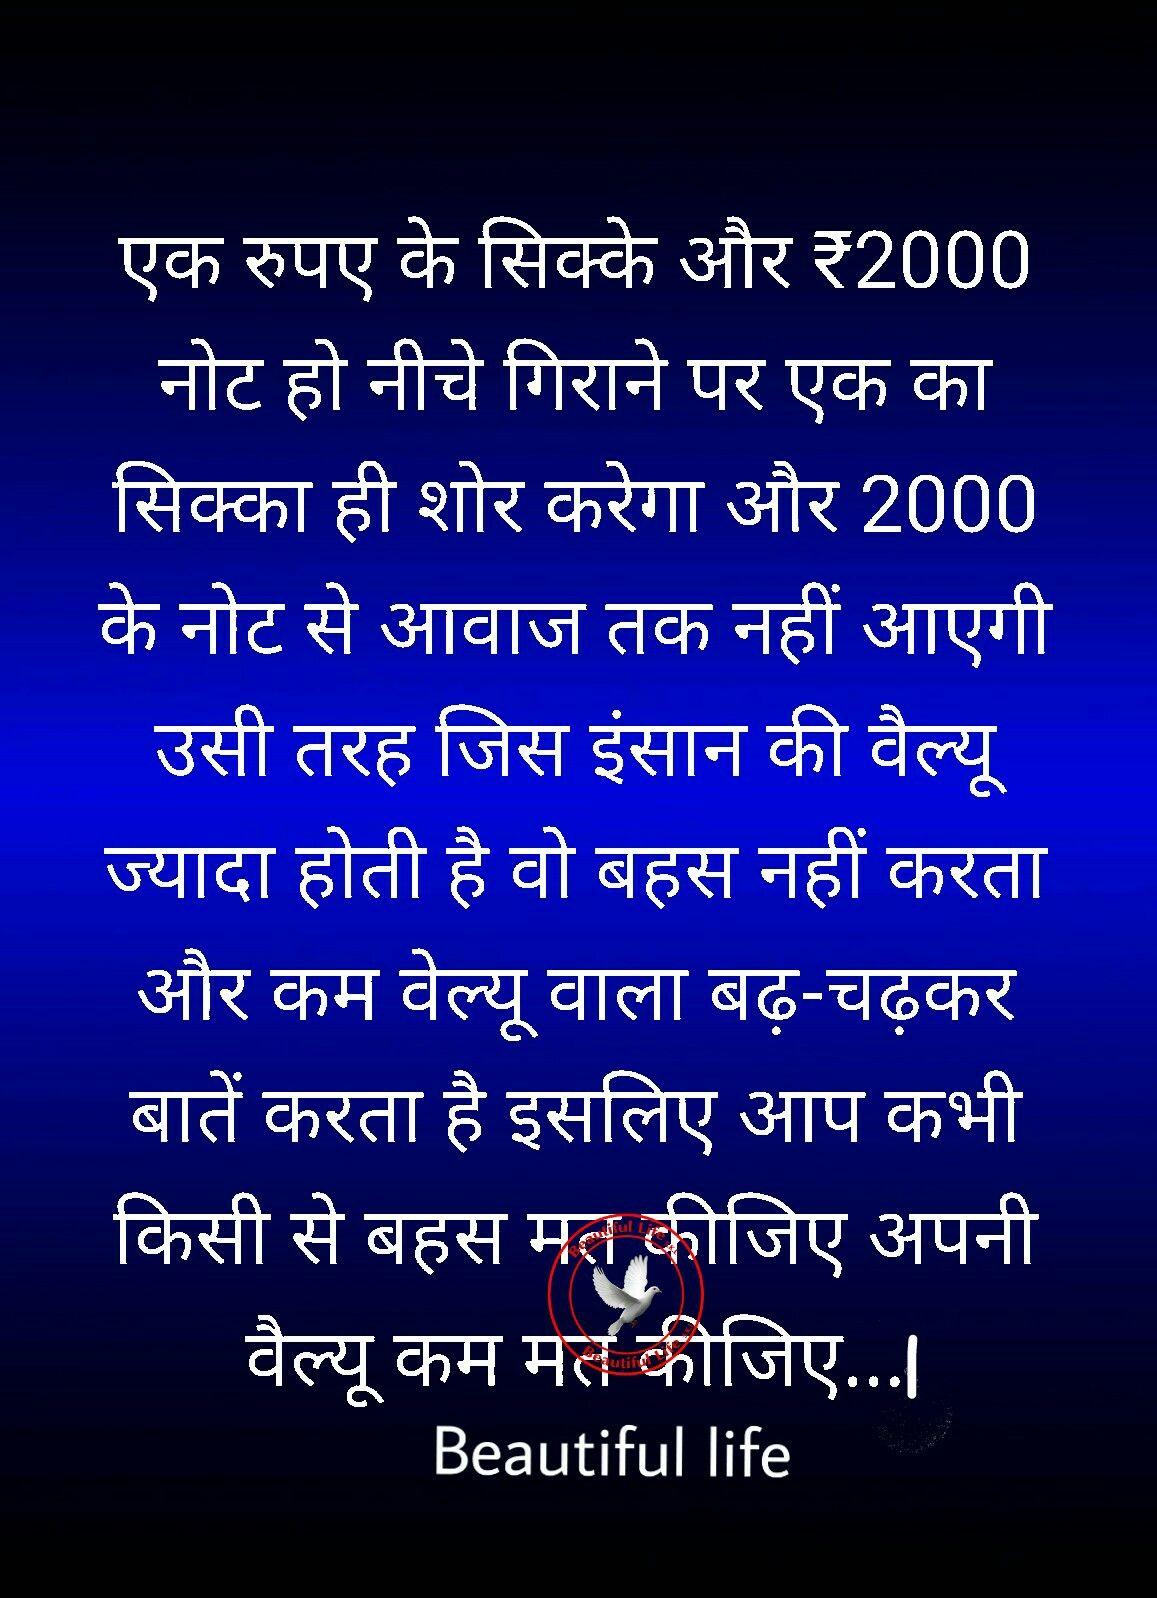 Pin By Paresh Shaha On Quotes Psychology Good Night Hindi Quotes Morning Prayer Quotes Hindi Quotes On Life